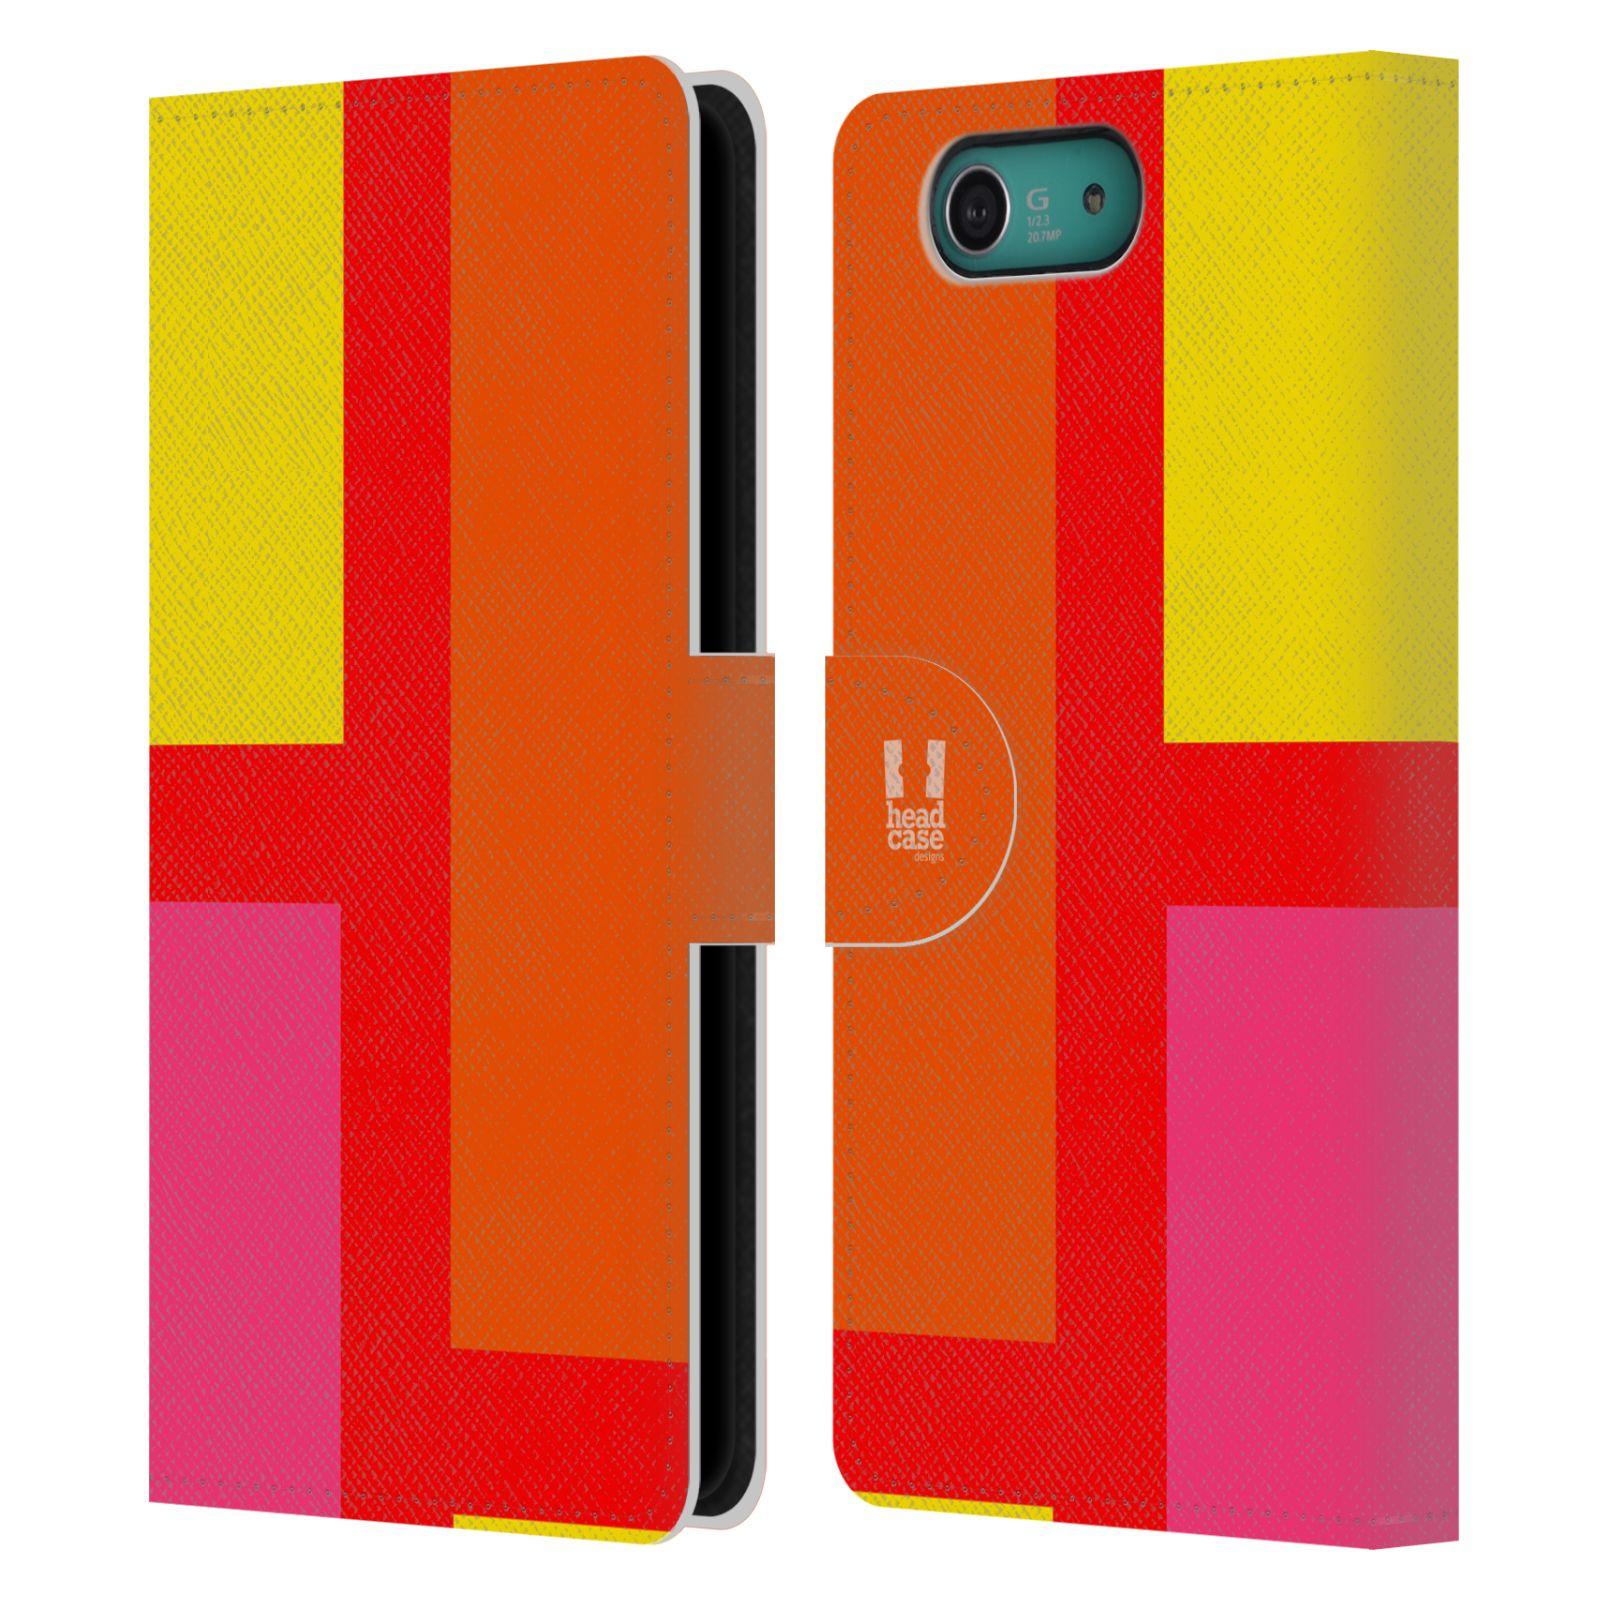 HEAD CASE Flipové pouzdro pro mobil SONY XPERIA Z3 COMPACT barevné tvary oranžová ulice